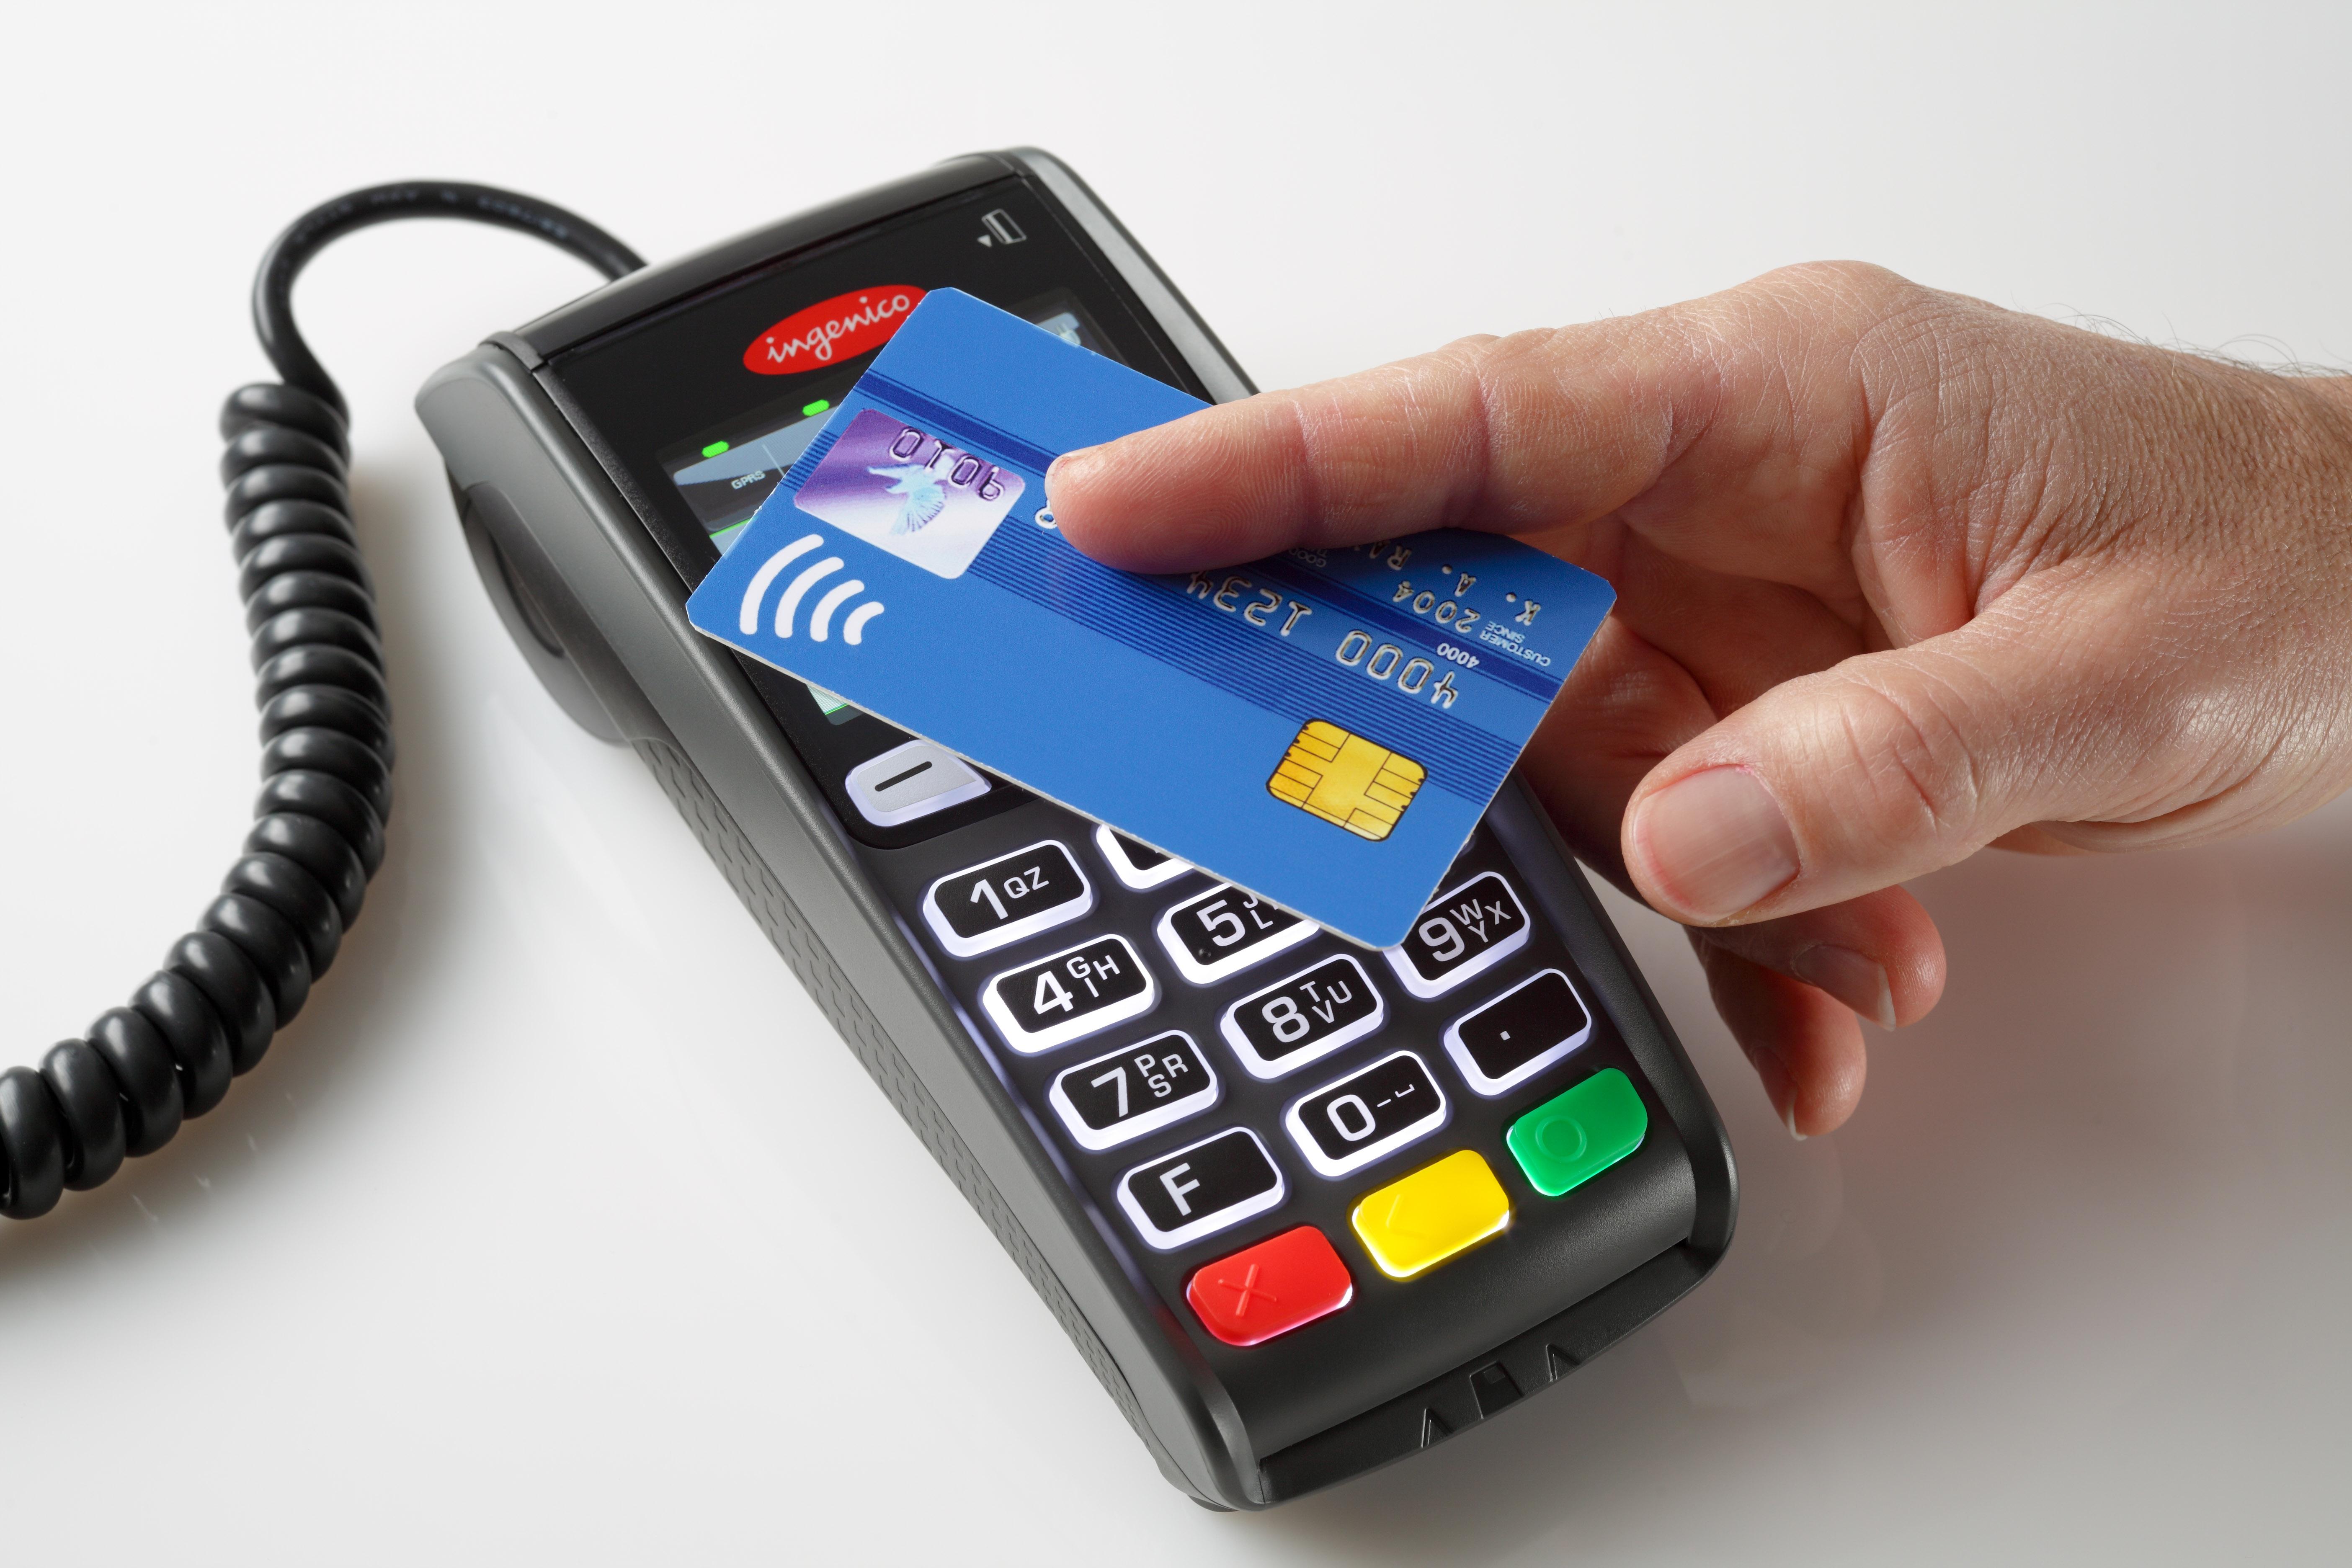 Carte contactless: vizi e virtù della nuova generazione di carte di credito (e debito)